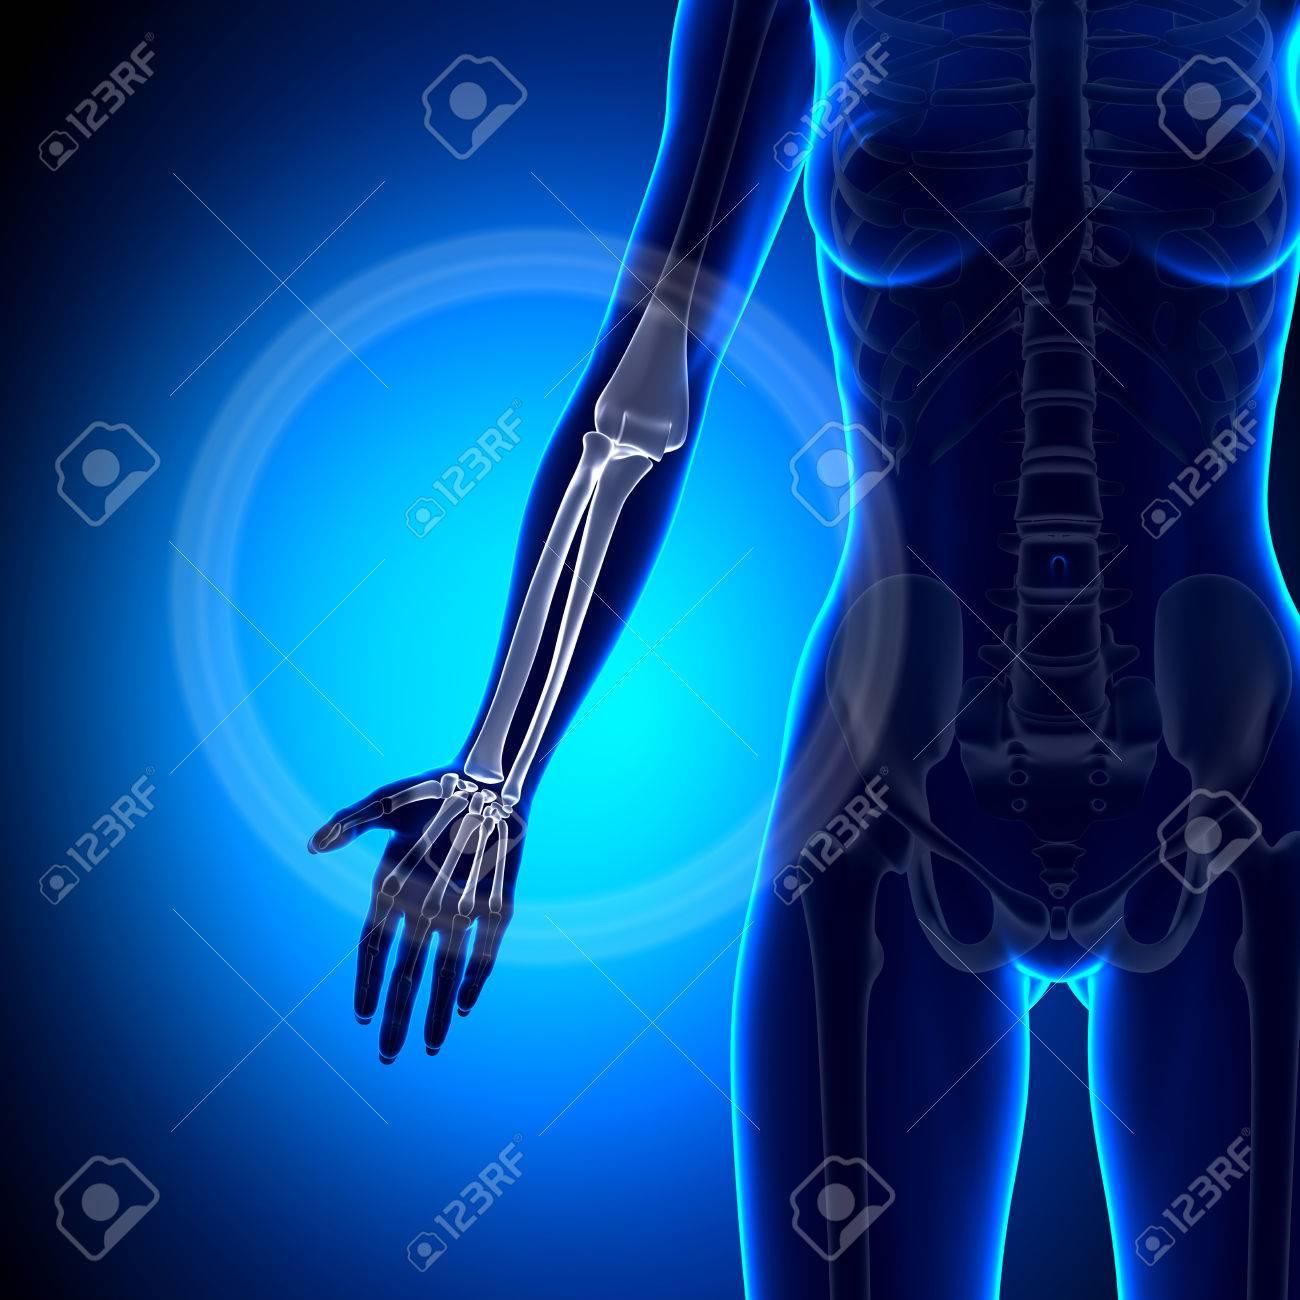 Female Radius Ulna Forearm Anatomy Bones Stock Photo Picture